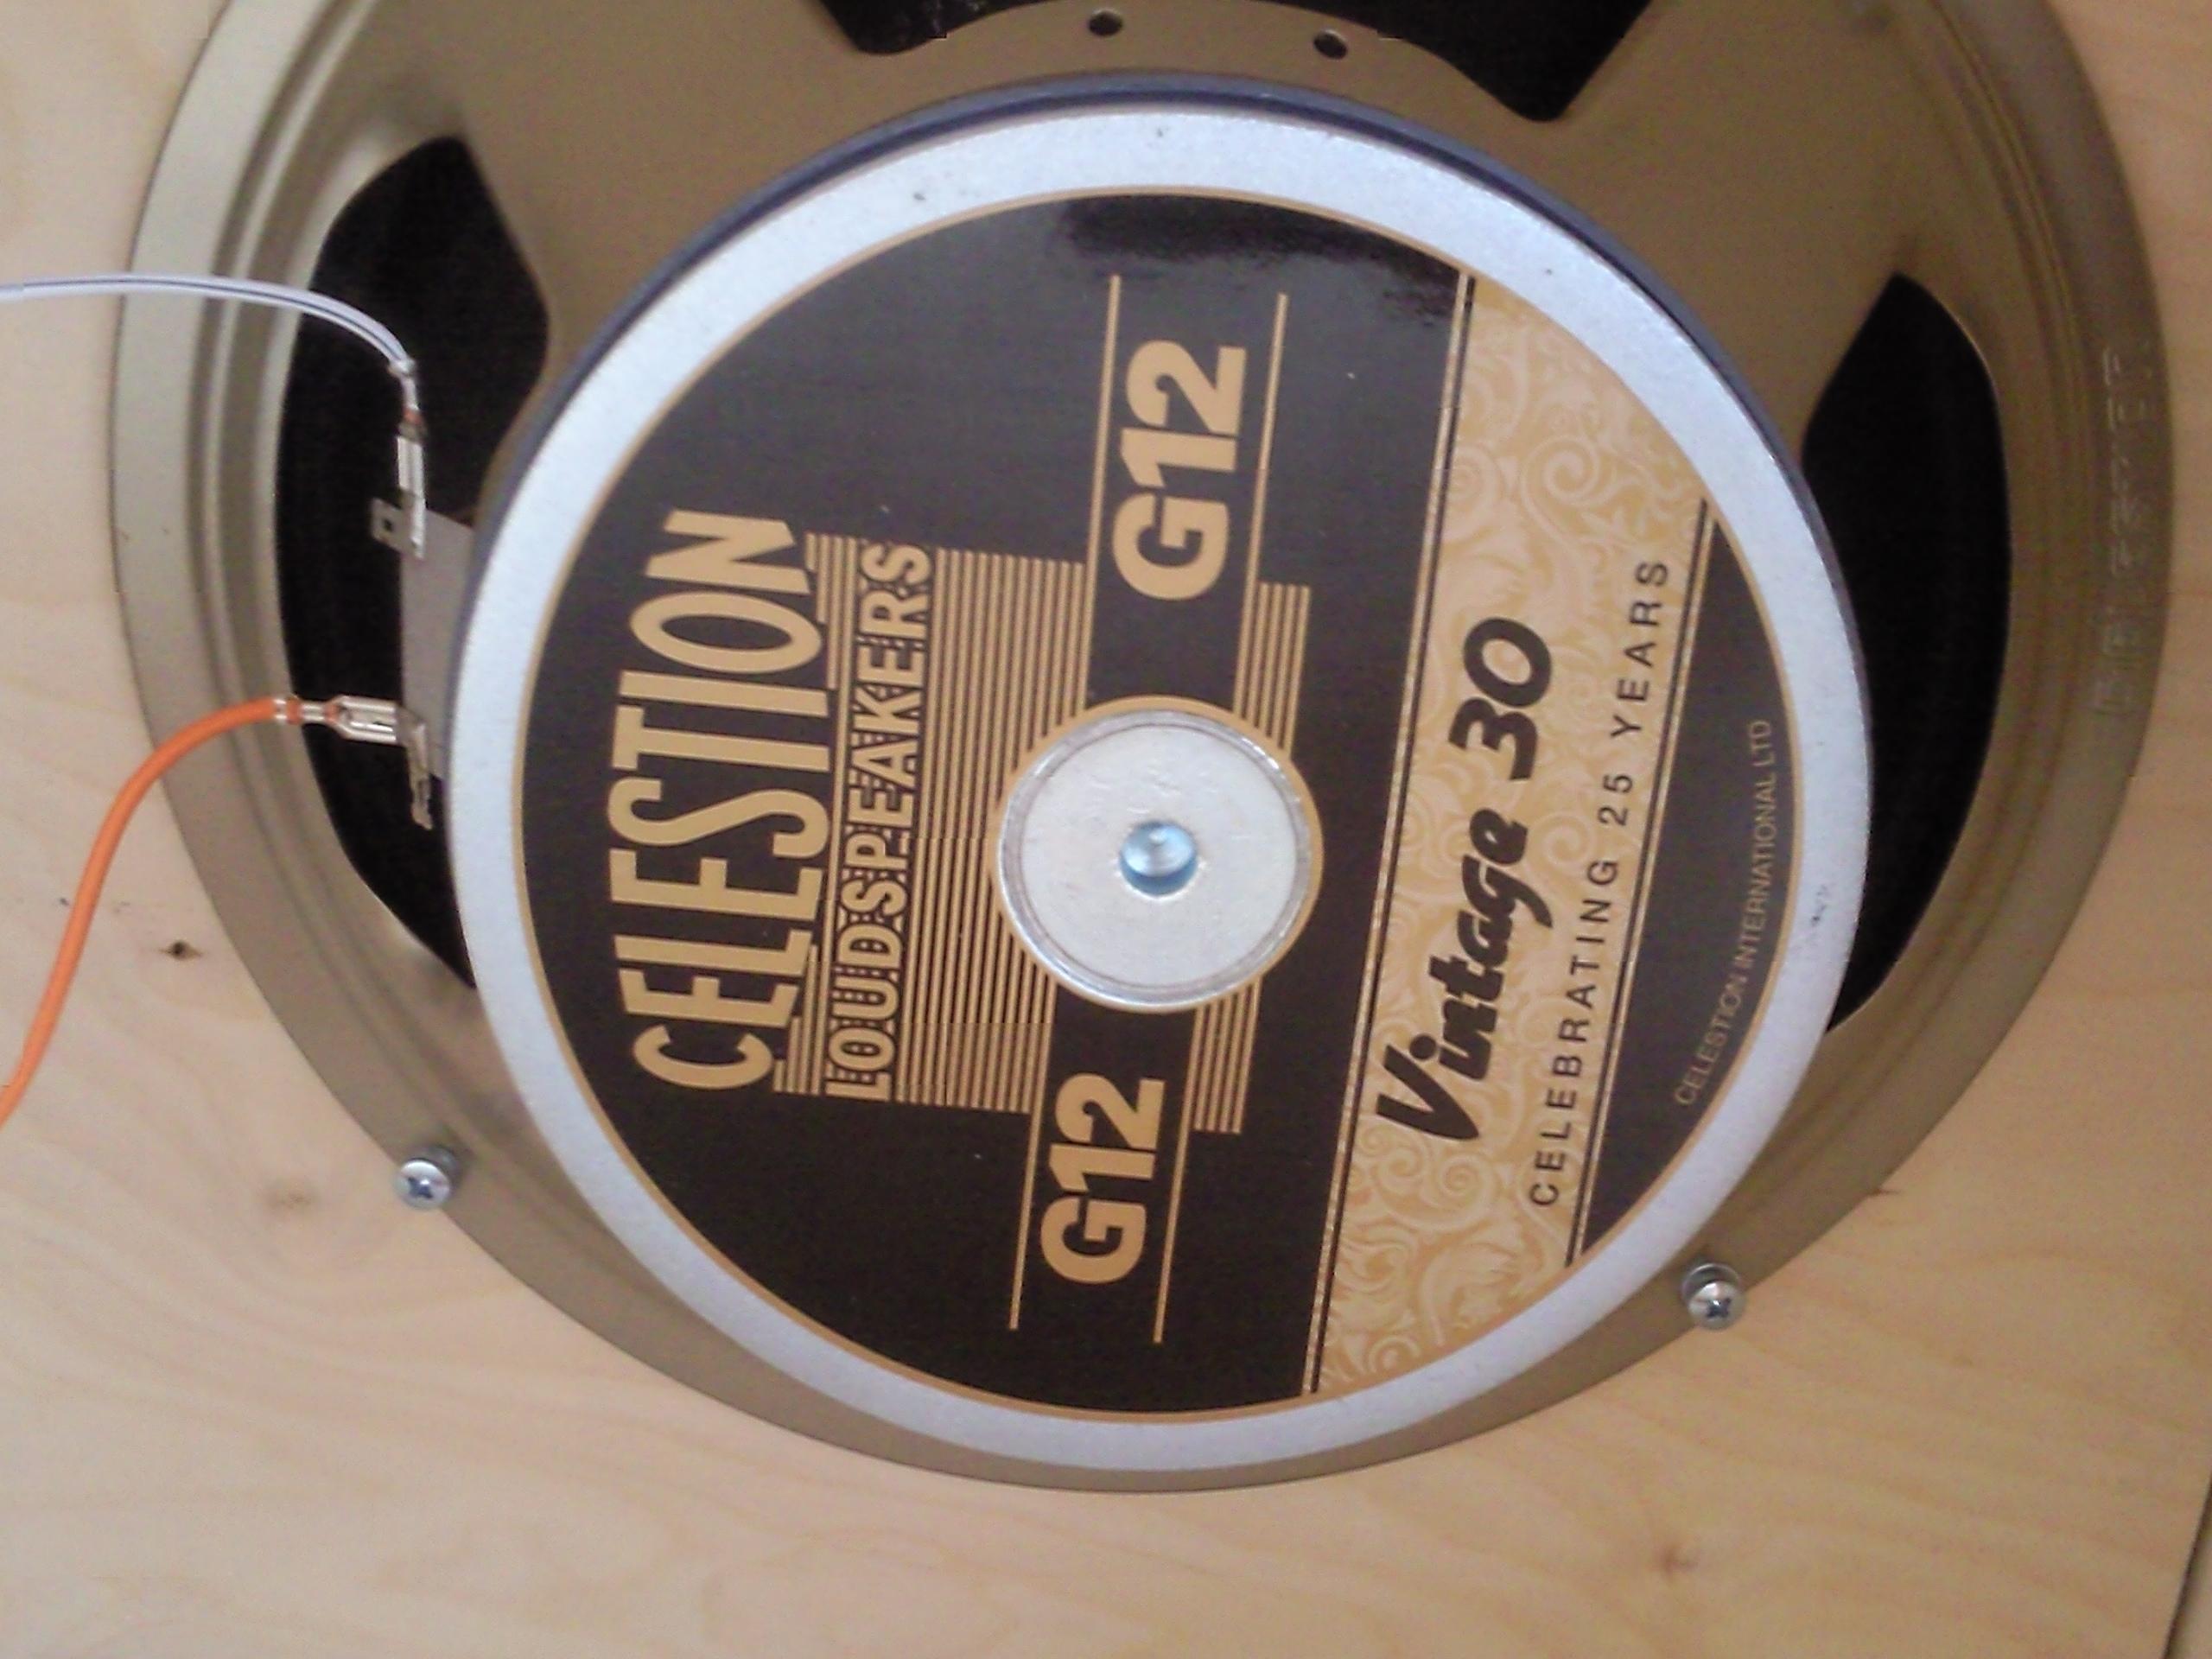 celestion vintage 30 8 ohms image 314698 audiofanzine. Black Bedroom Furniture Sets. Home Design Ideas